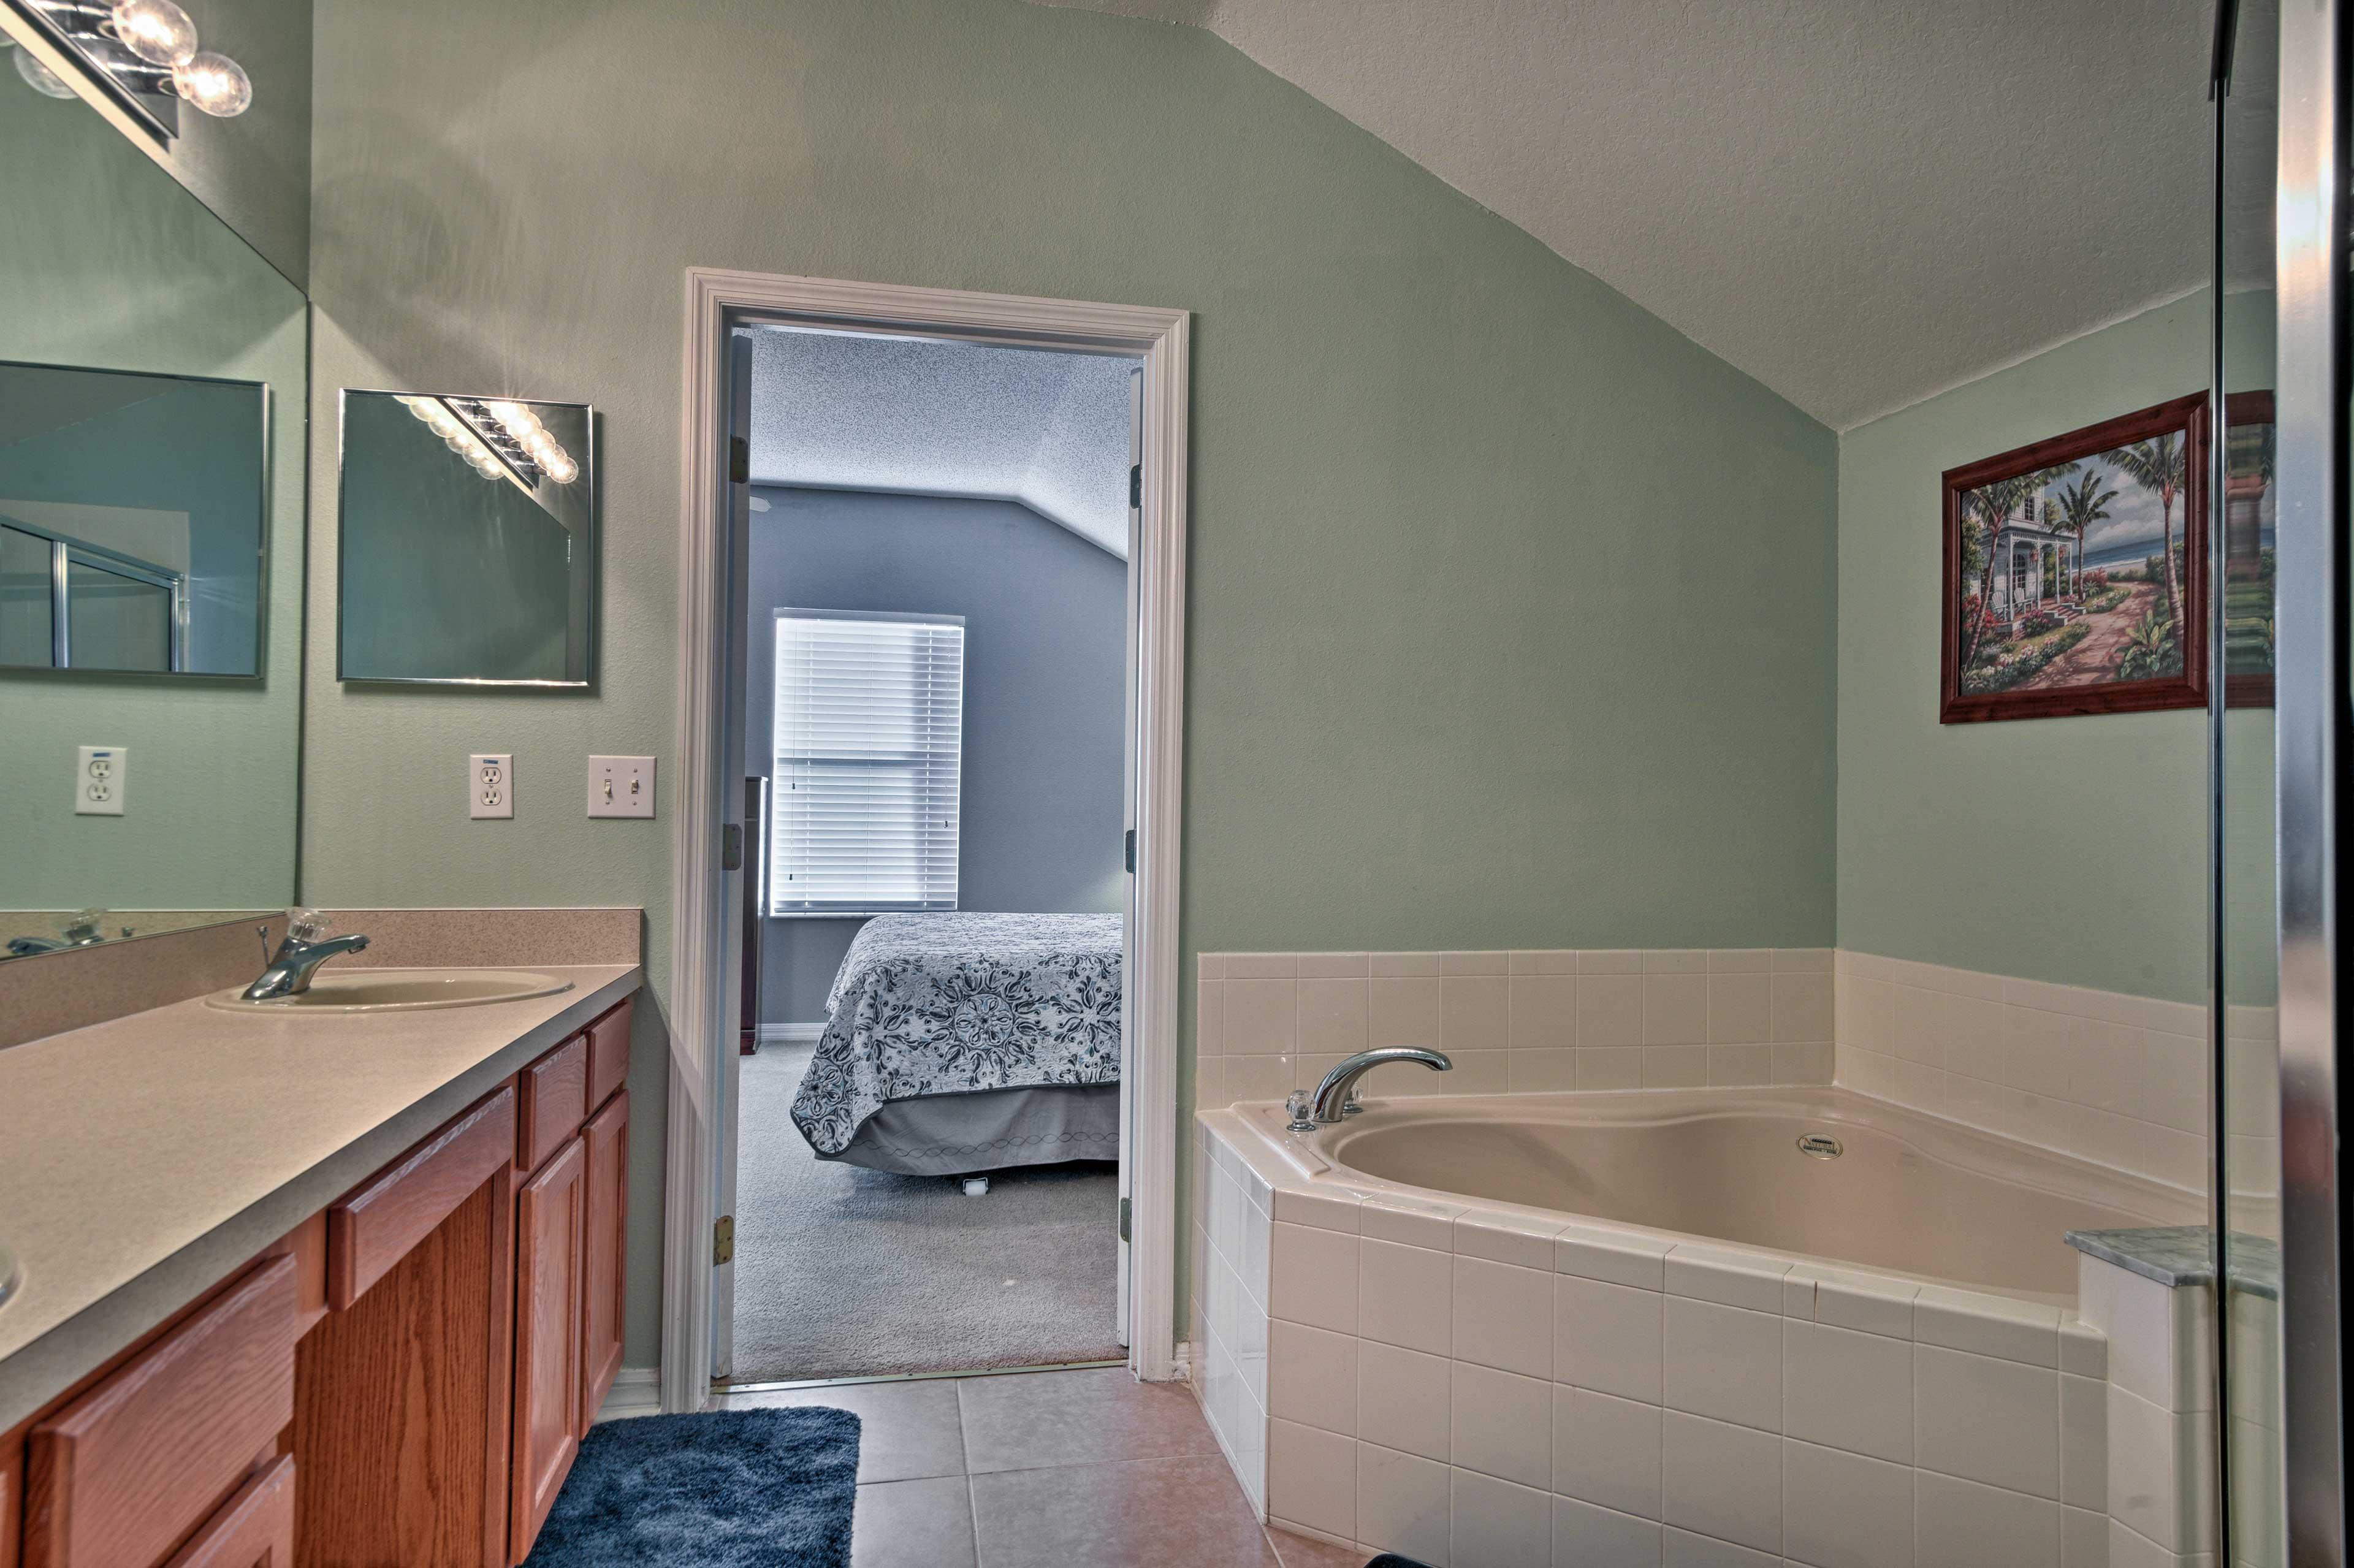 Soak your troubles away in the en-suite bathroom.